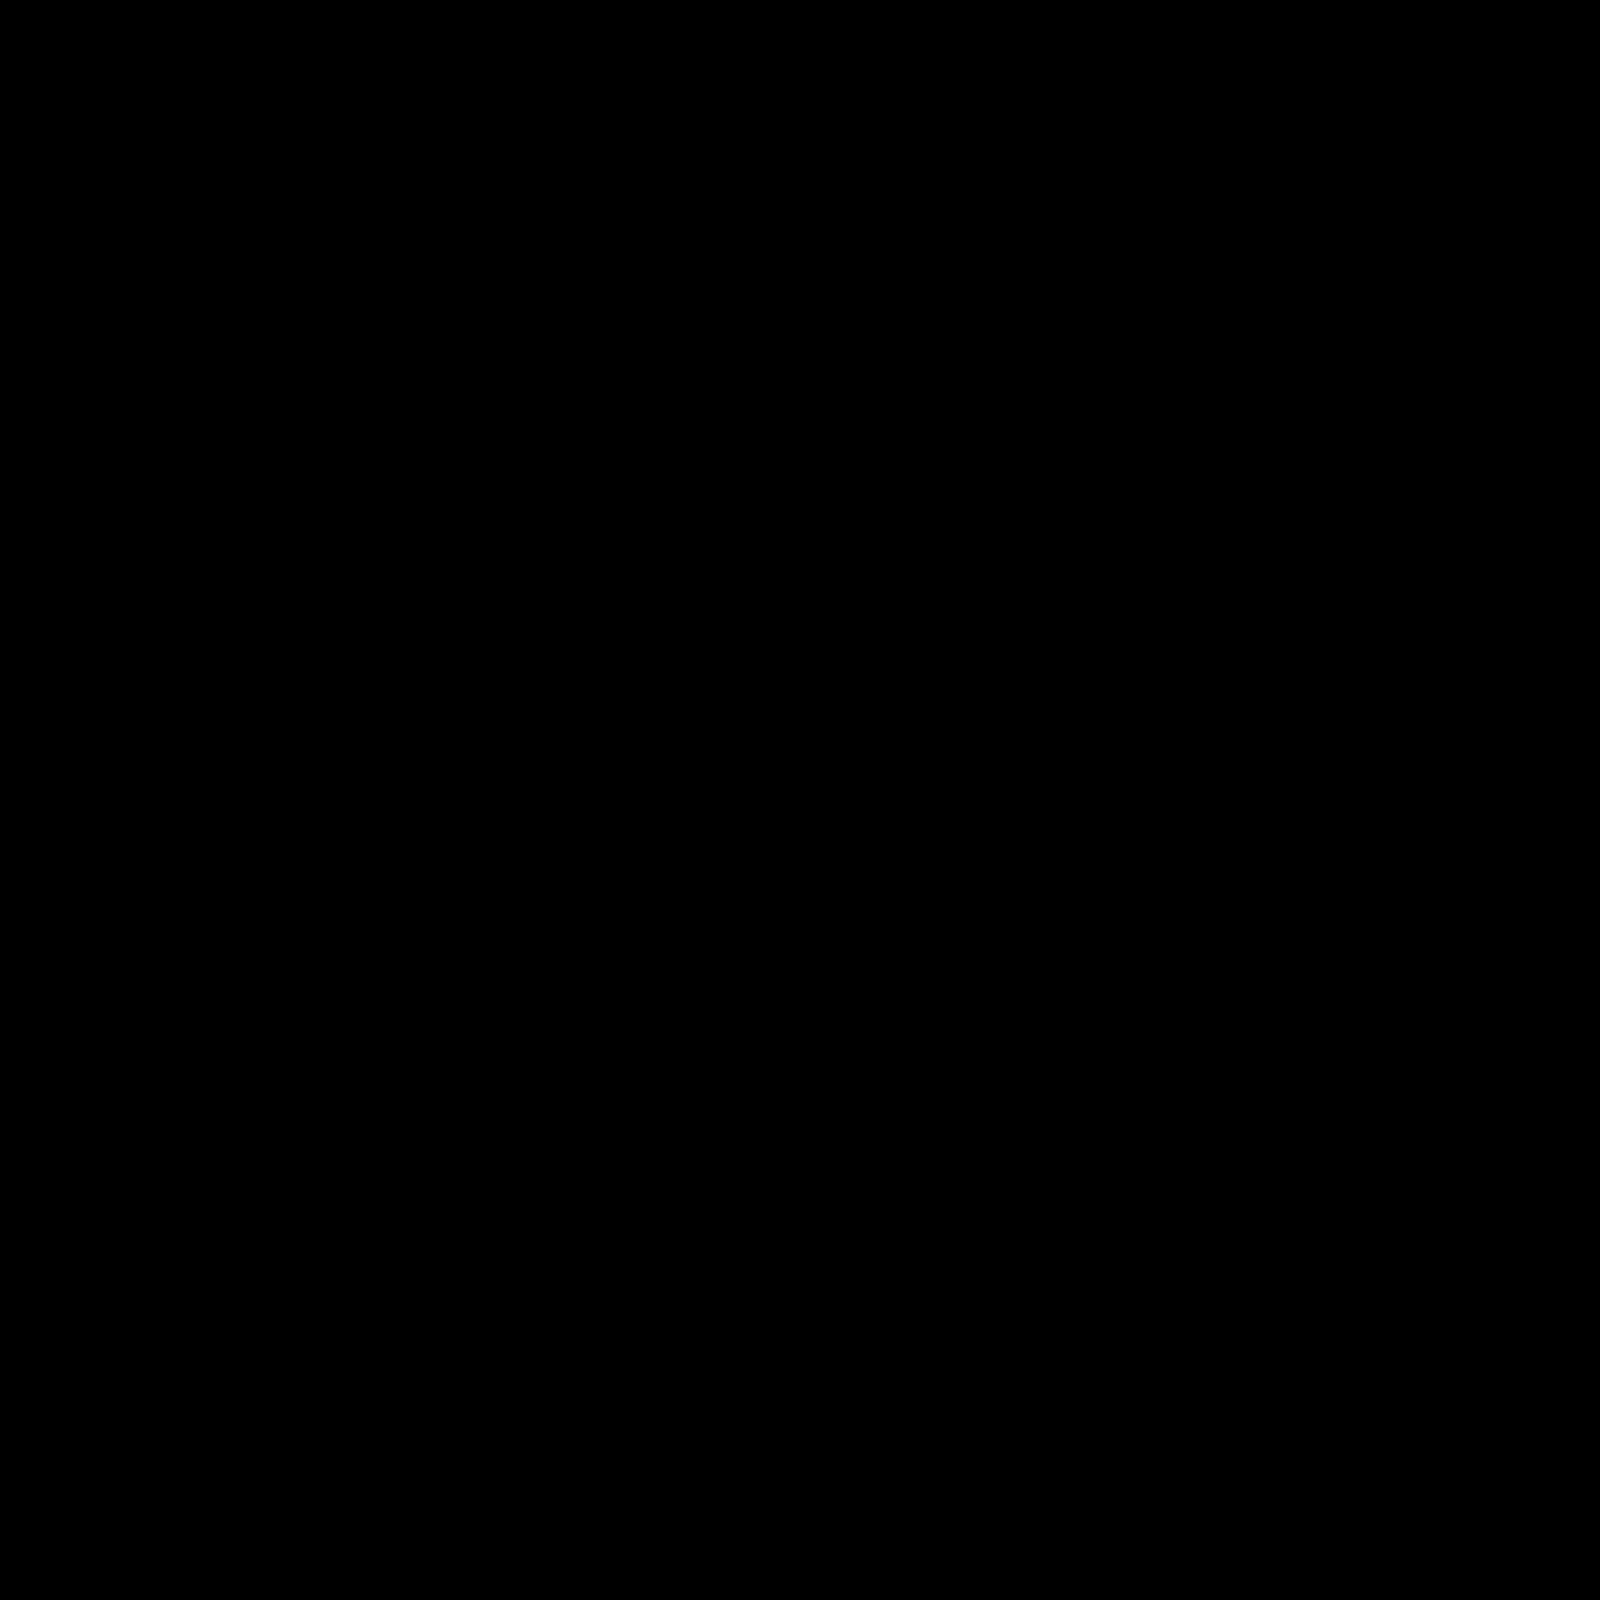 Desenho cadeado png 2 » PNG Image.